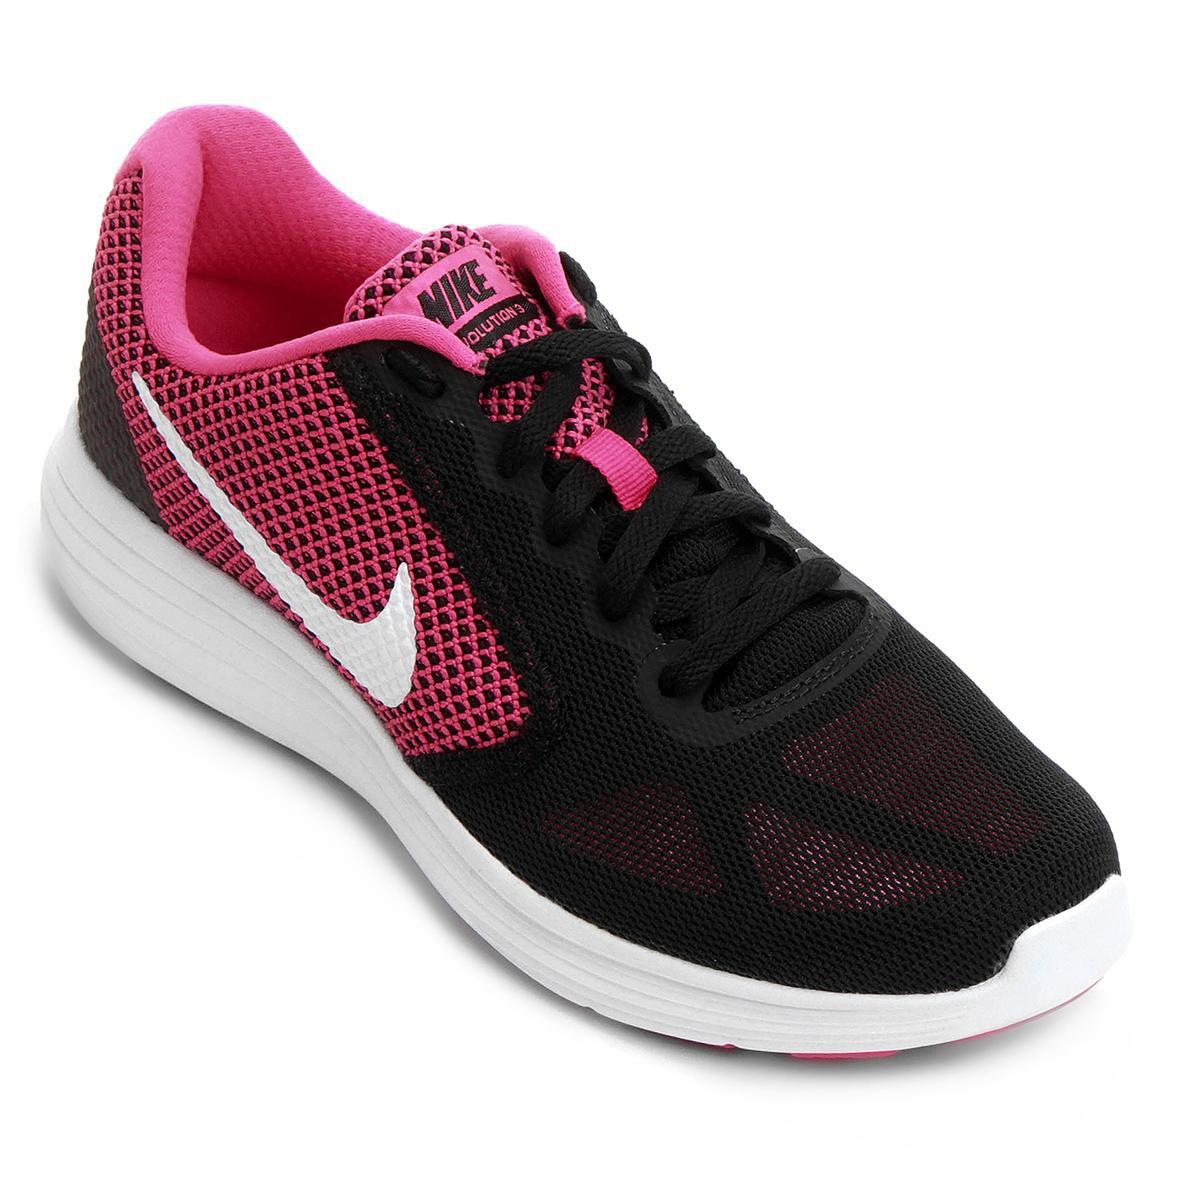 64fa6731af Tênis Nike Revolution 3 Feminino - Preto e Pink